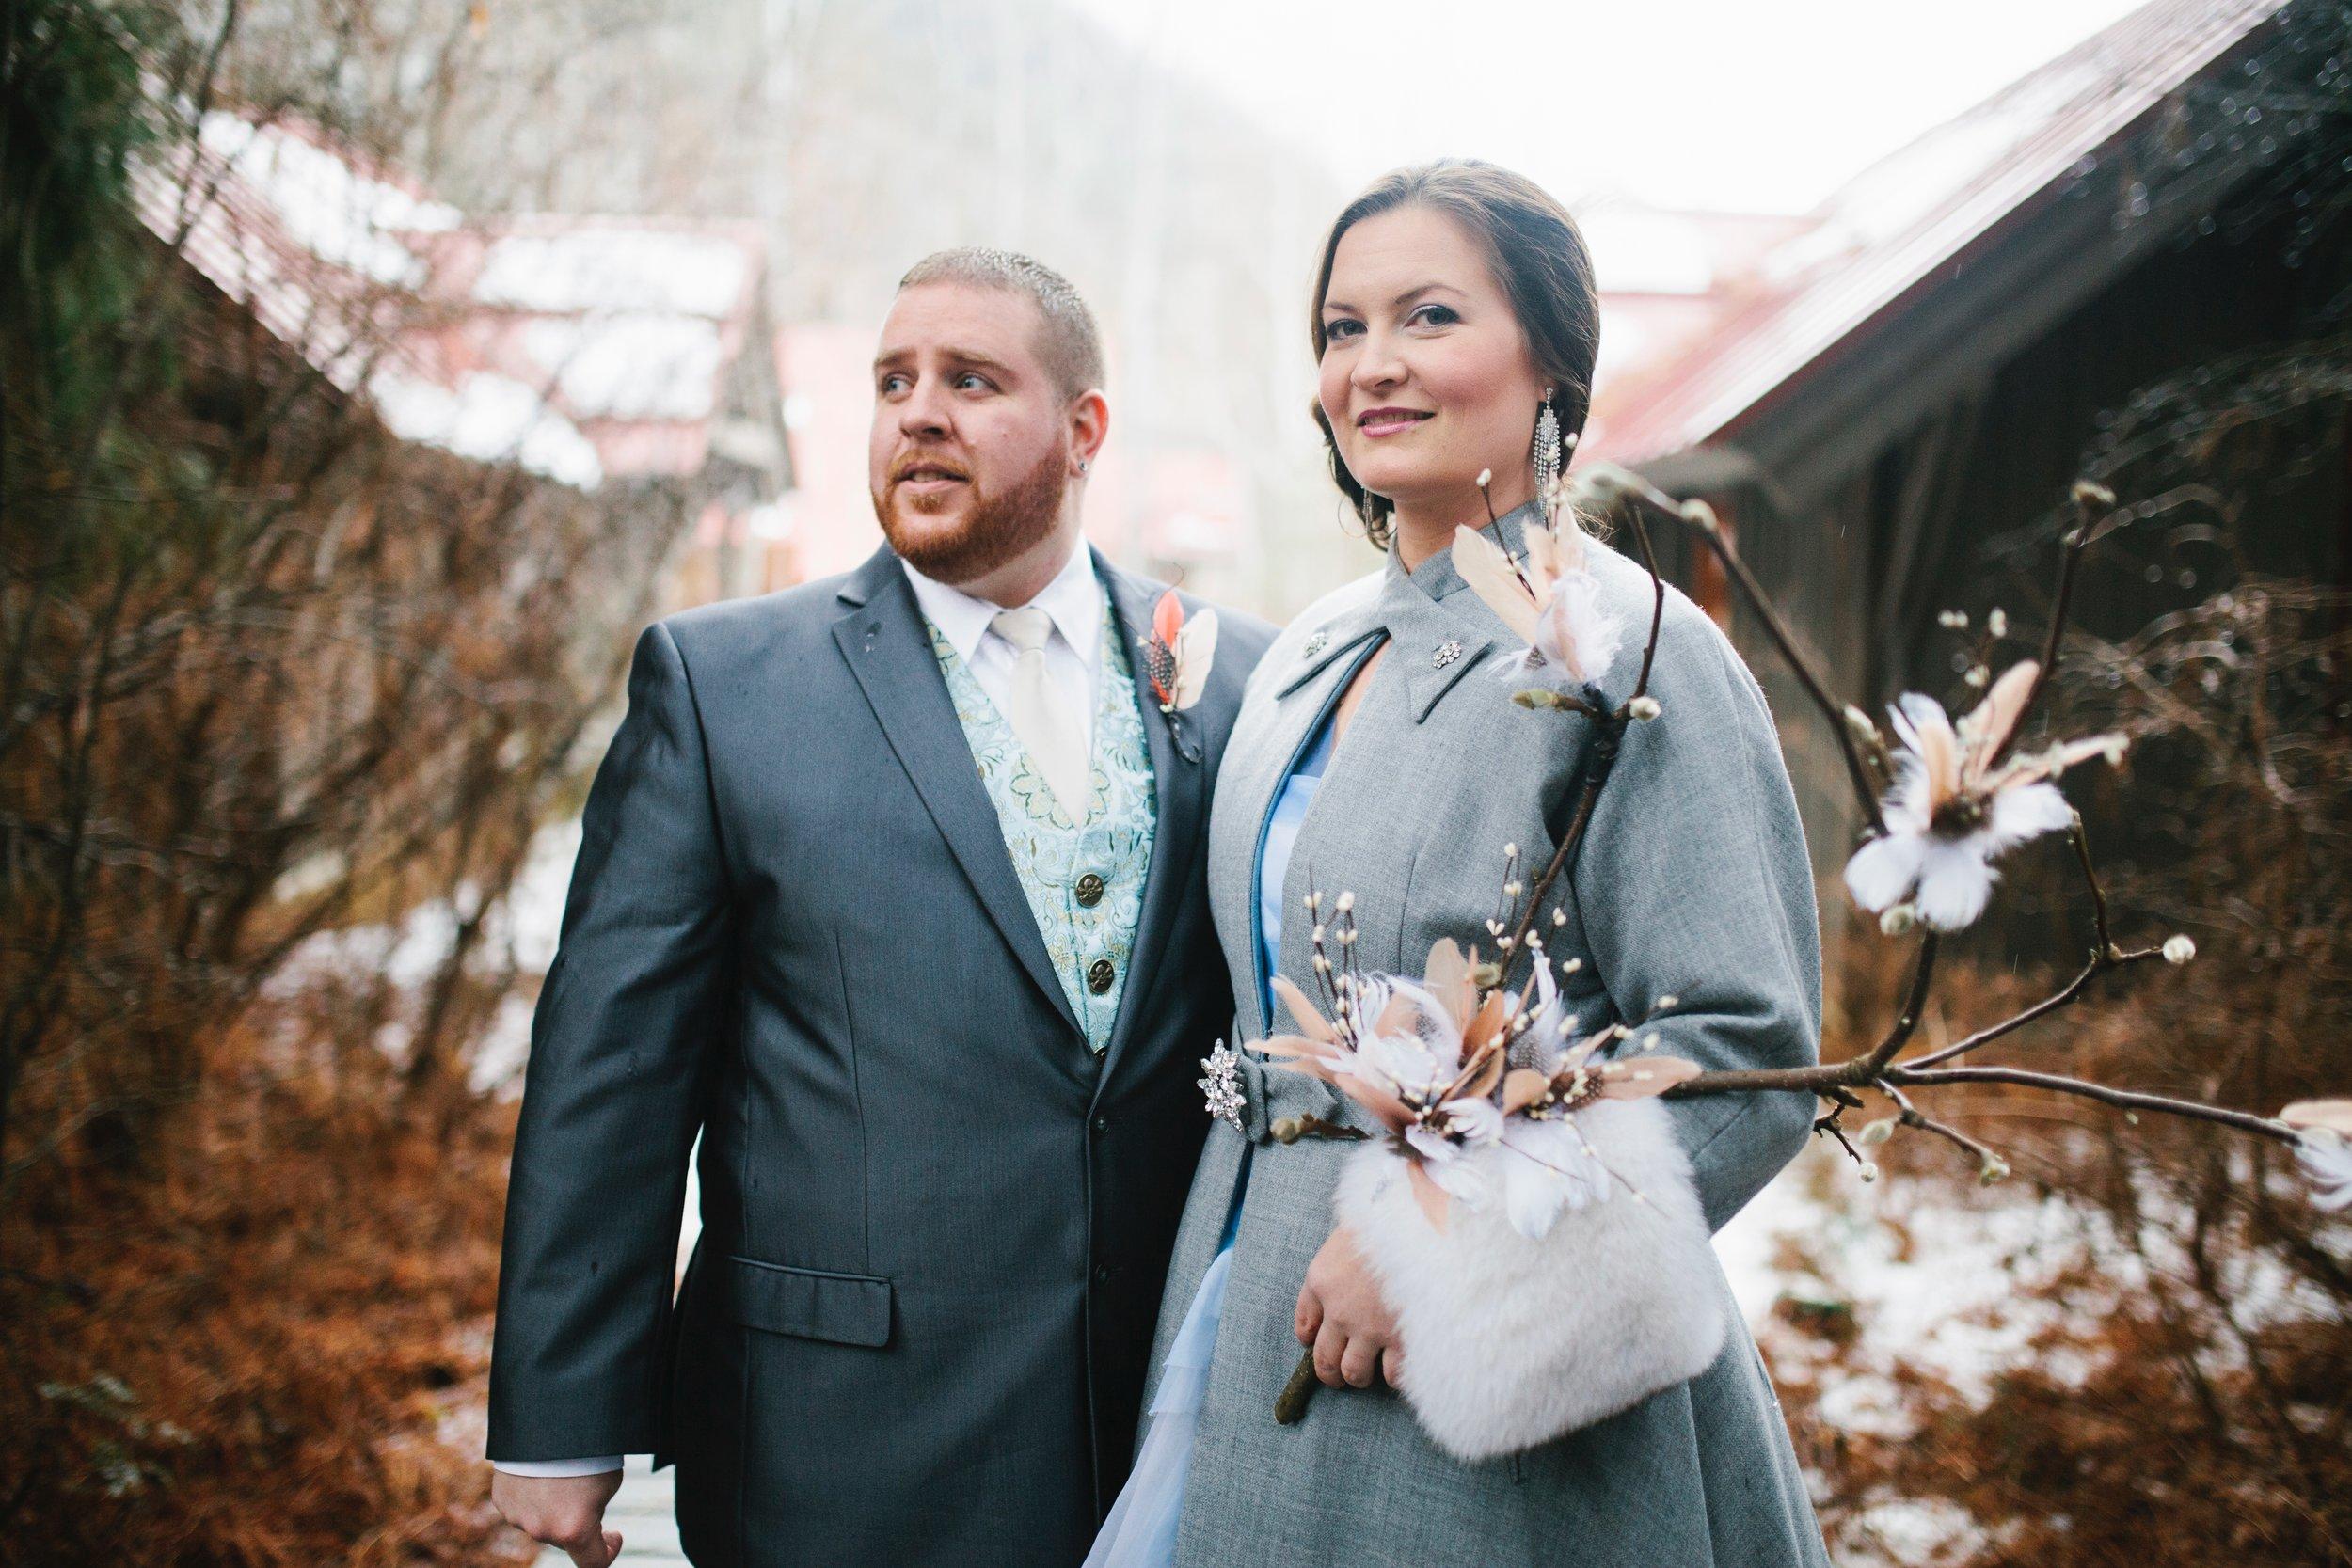 Ice-zeita-wedding-13.jpg